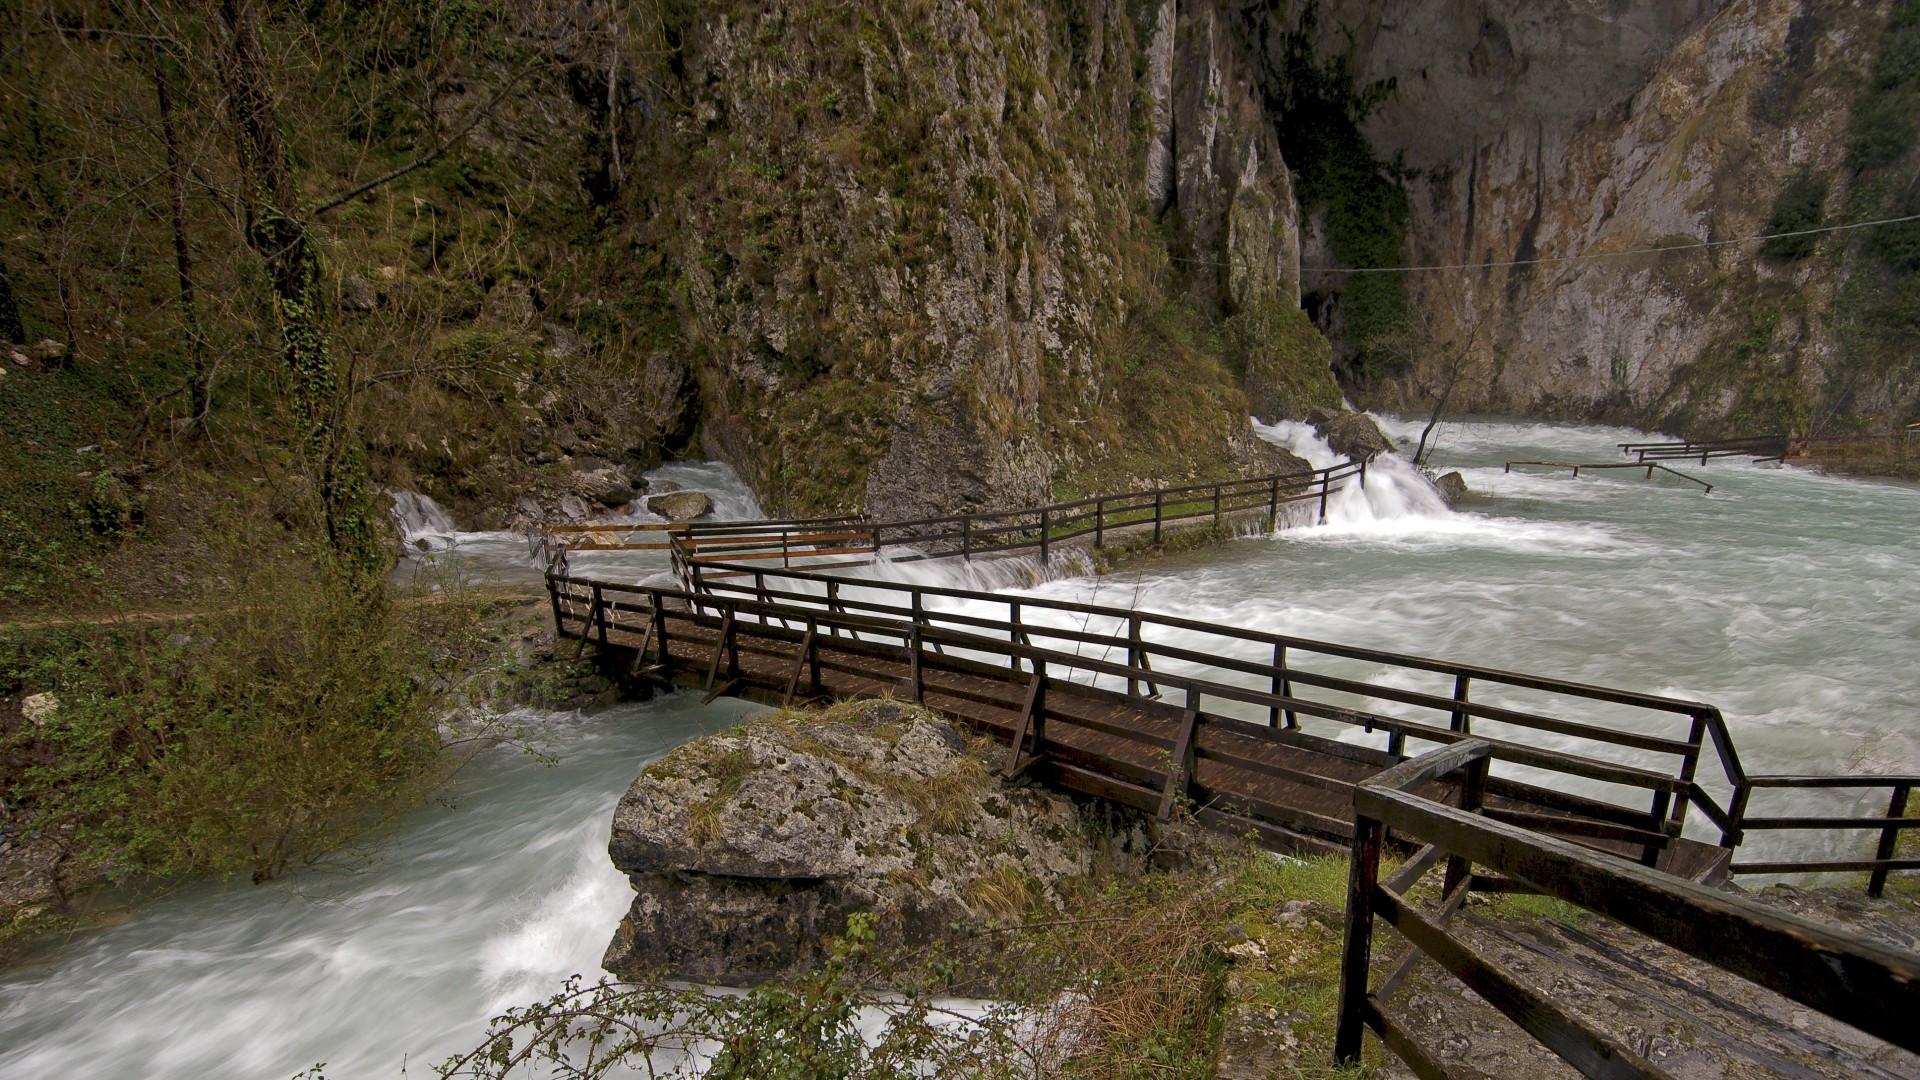 Emocije Italije: Apuane, vodene planine